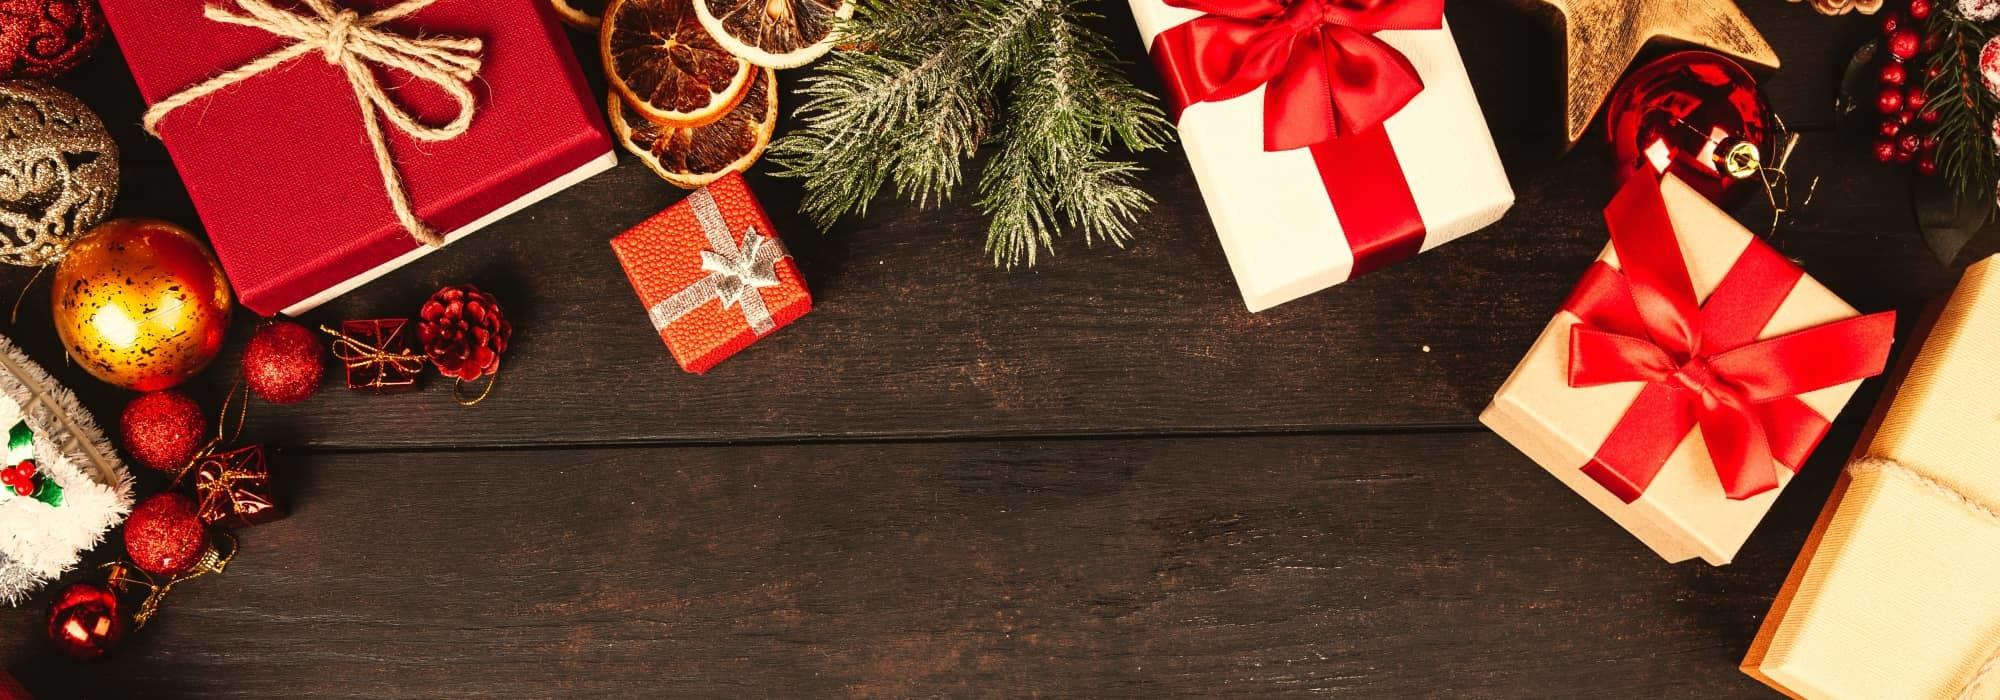 【聖誕交換禮物2020】貼地實用禮物$100/$200/$300蚊大集合|美食到會外賣服務|Kama Delivery Service